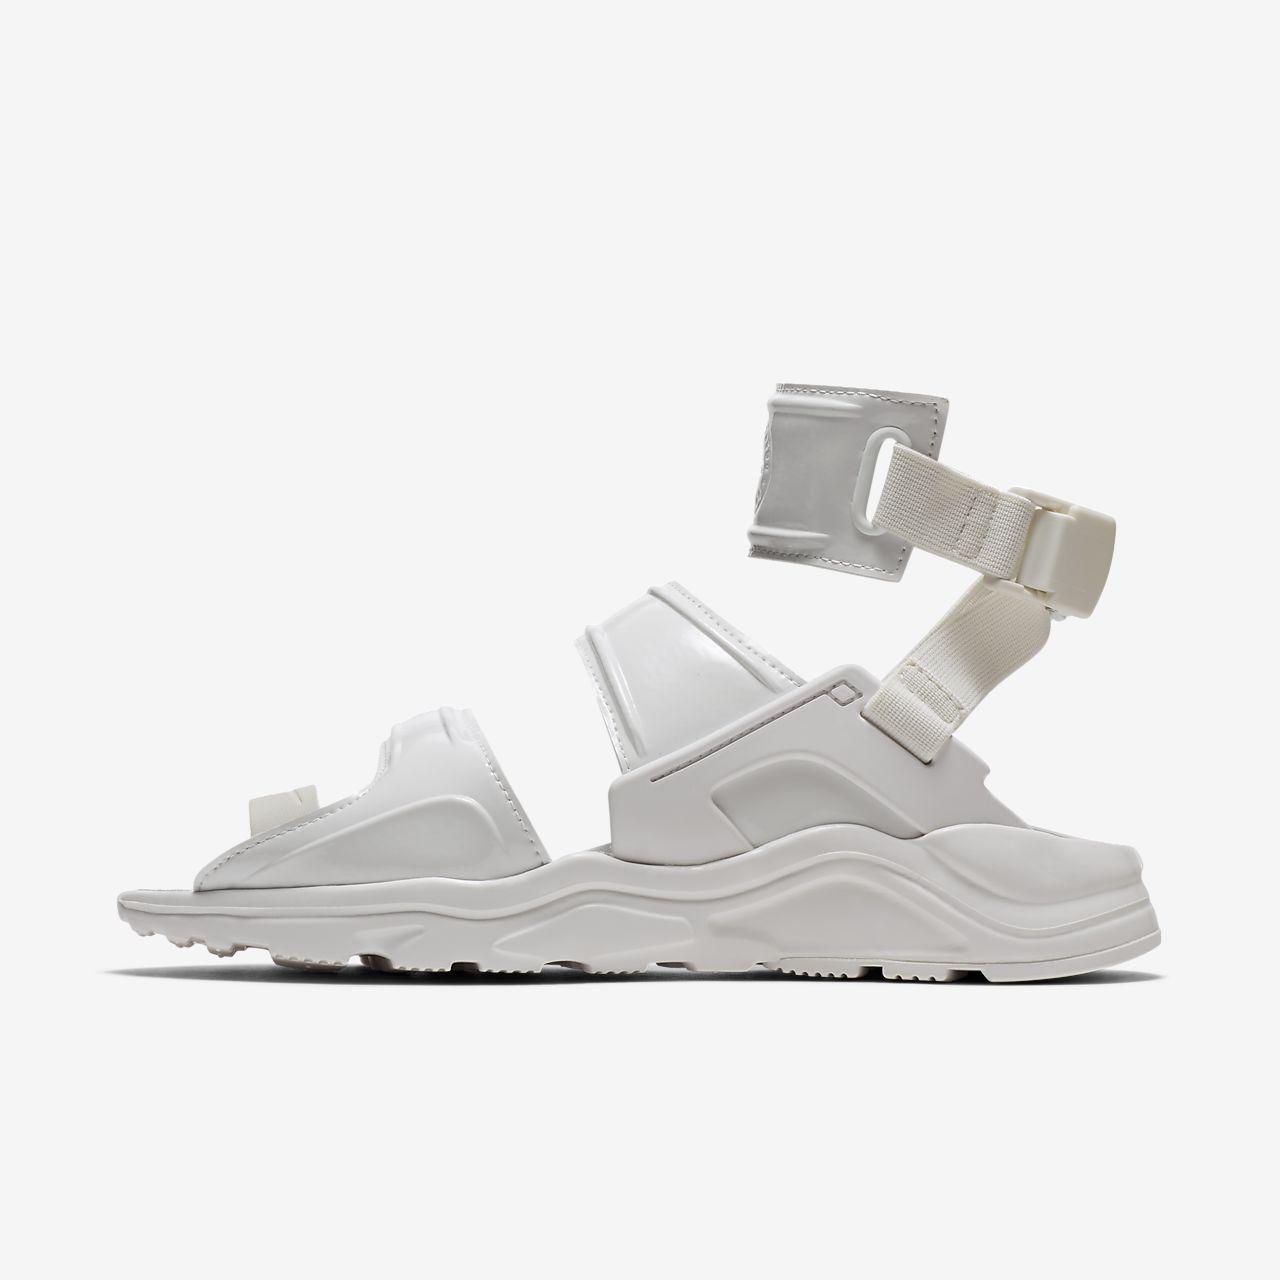 Chaussure Nike Air Huarache Gladiator QS pour Femme